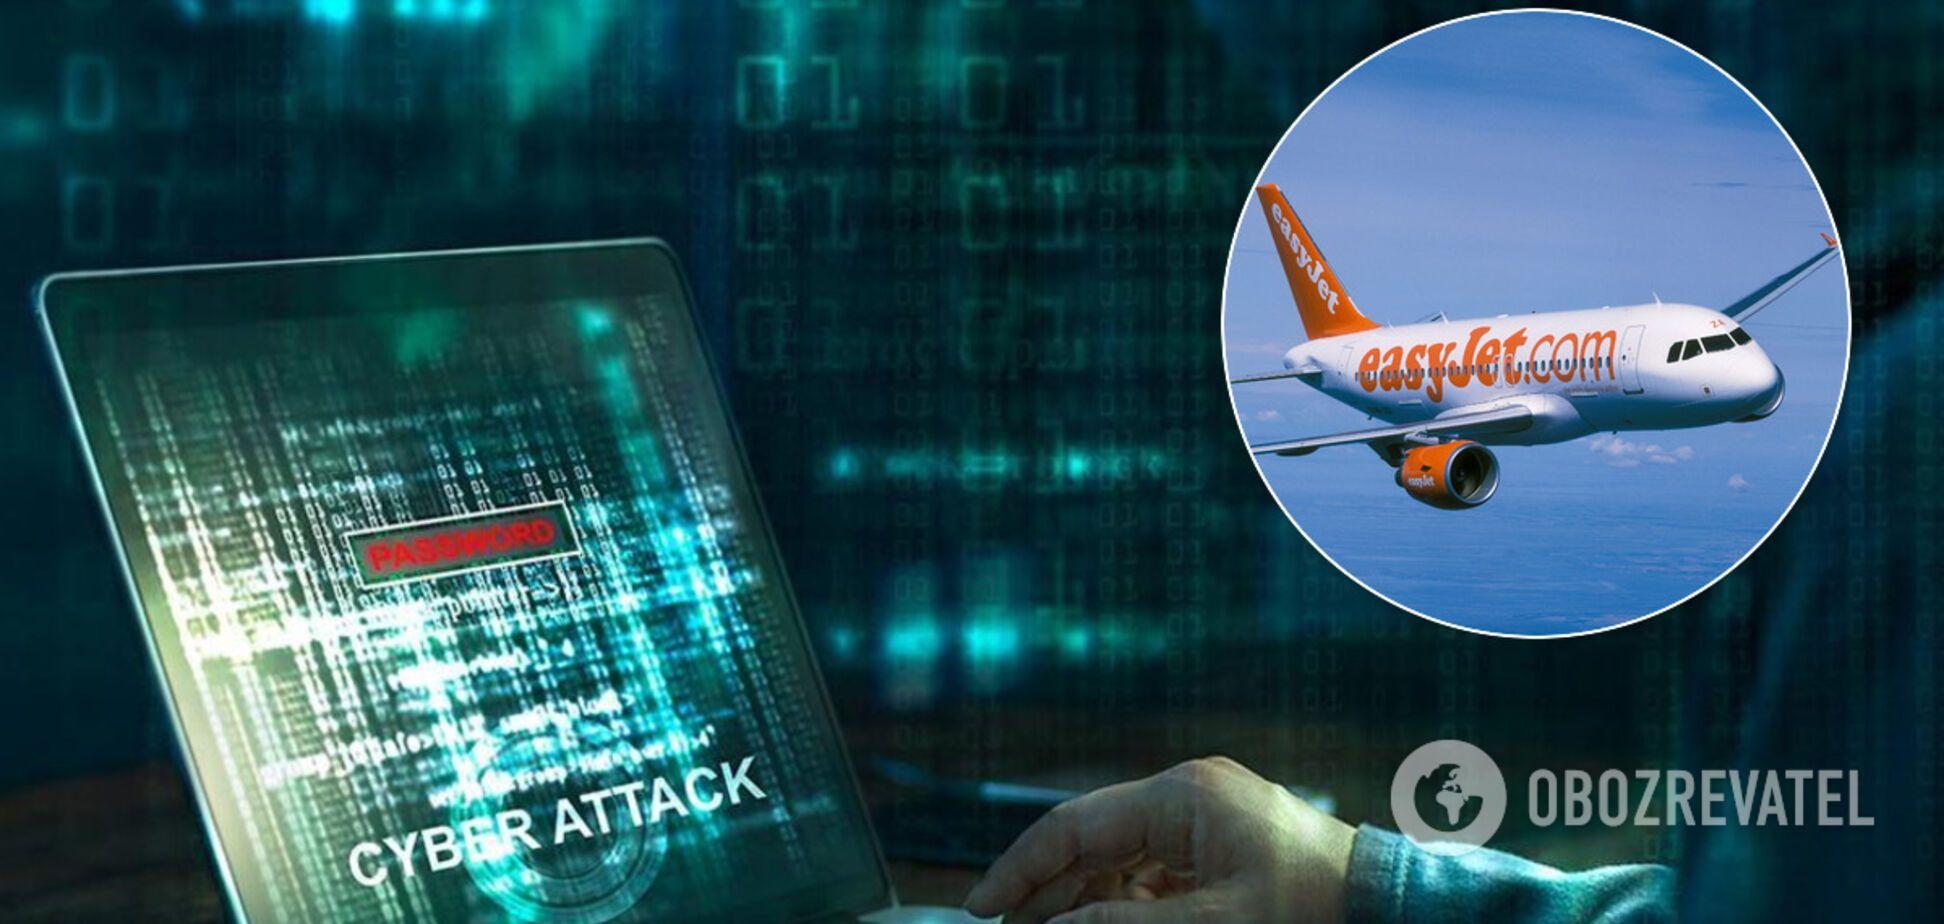 Похитили данные 9 млн клиентов: известный лоукостер заявил о масштабной хакерской атаке